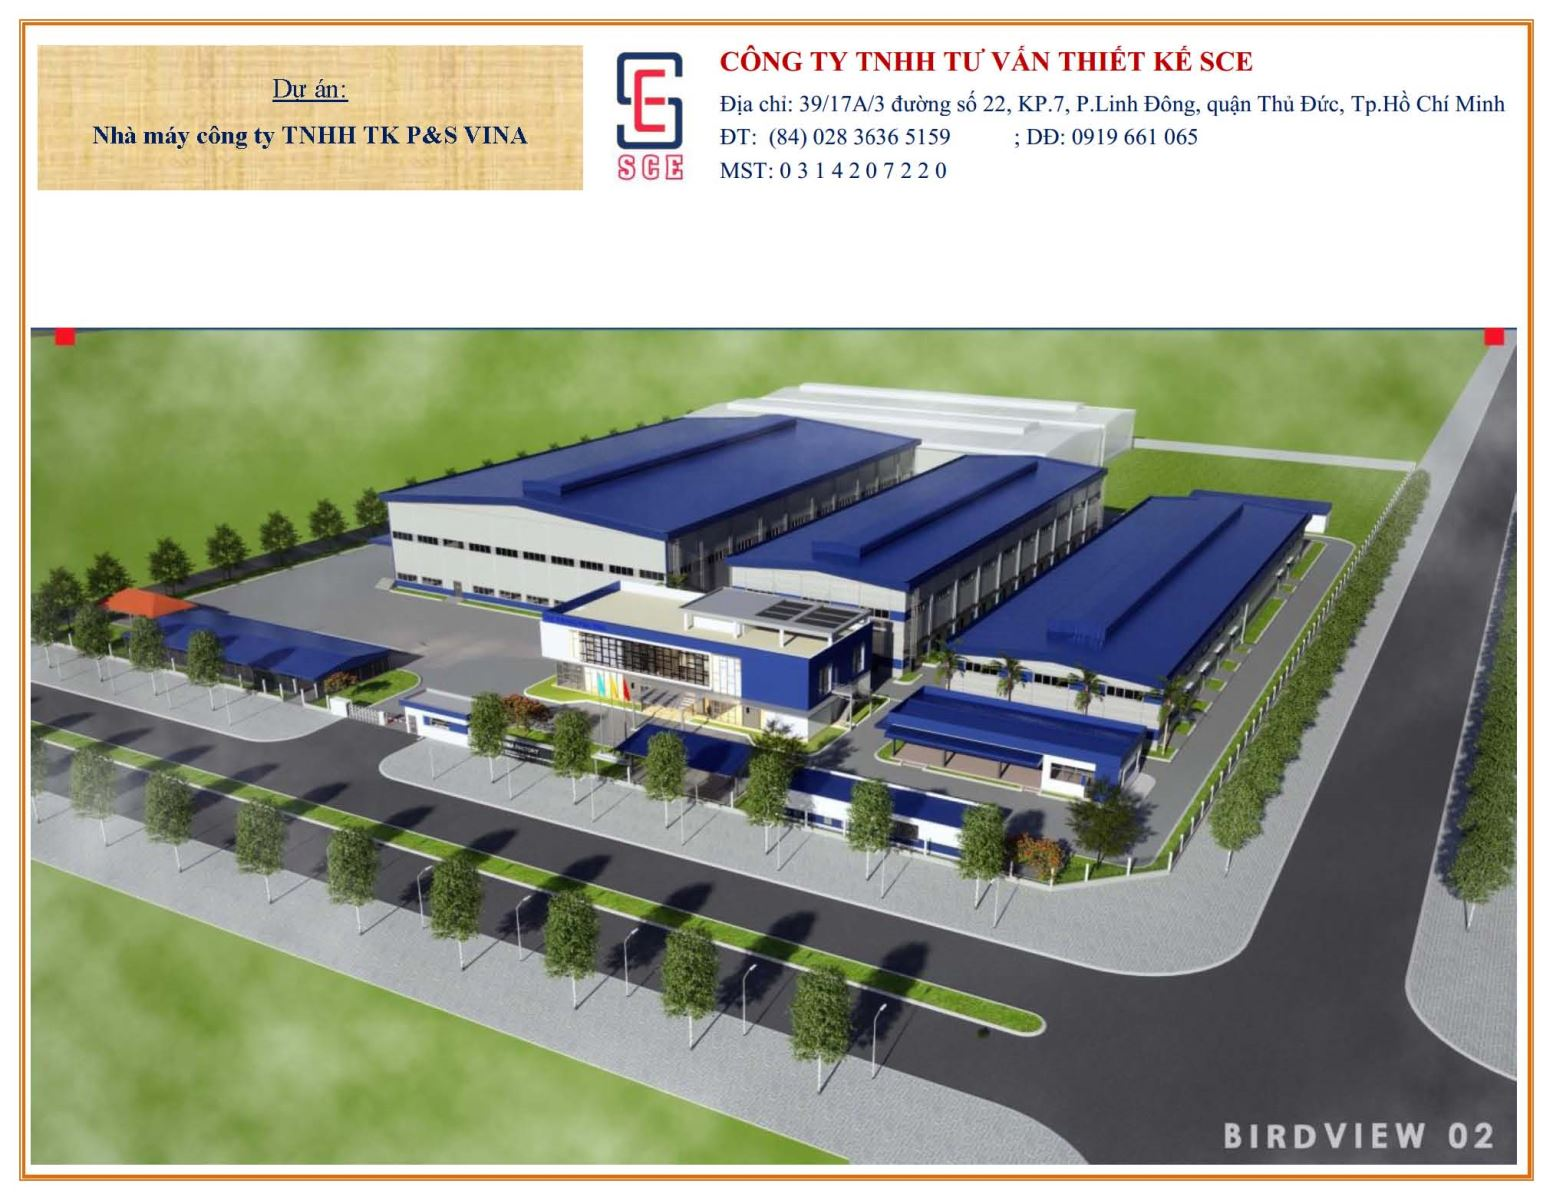 Nhà máy công ty TNHH TK P&S VINA